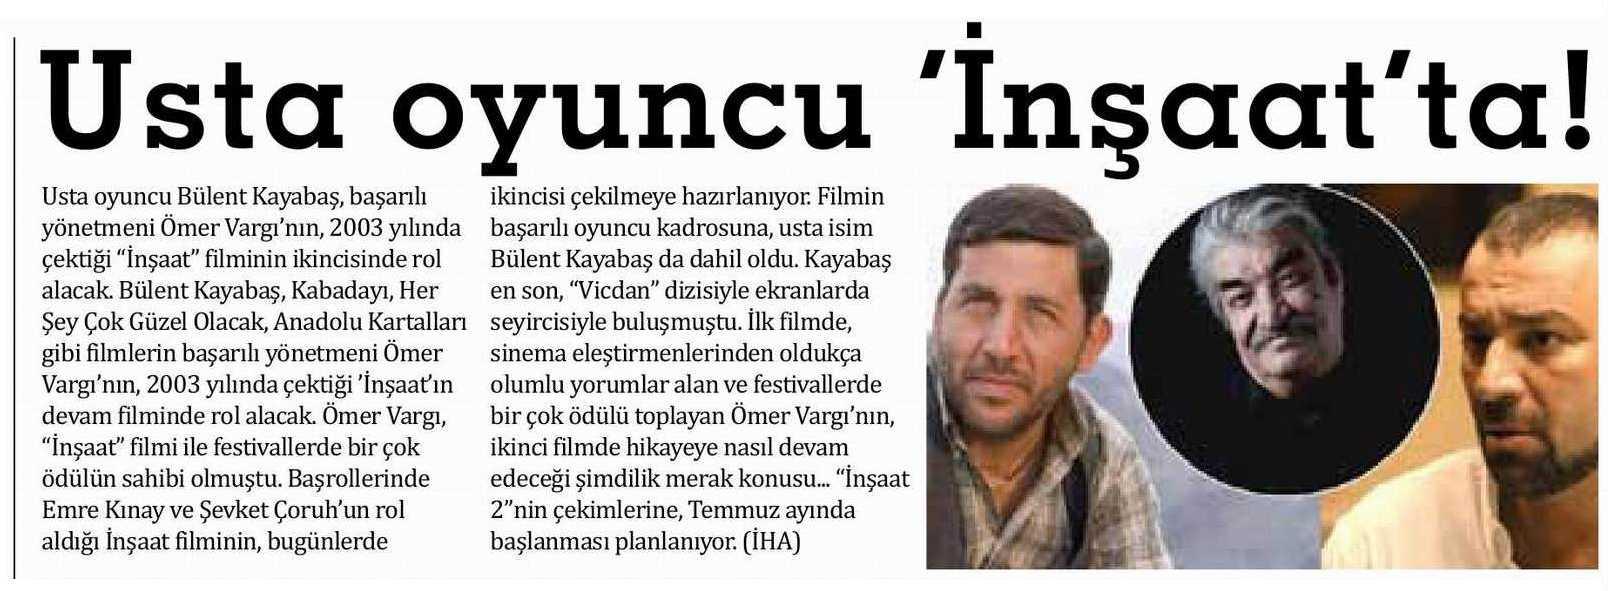 Bülent Kayabaş - Sözcü Gazetesi Haberi